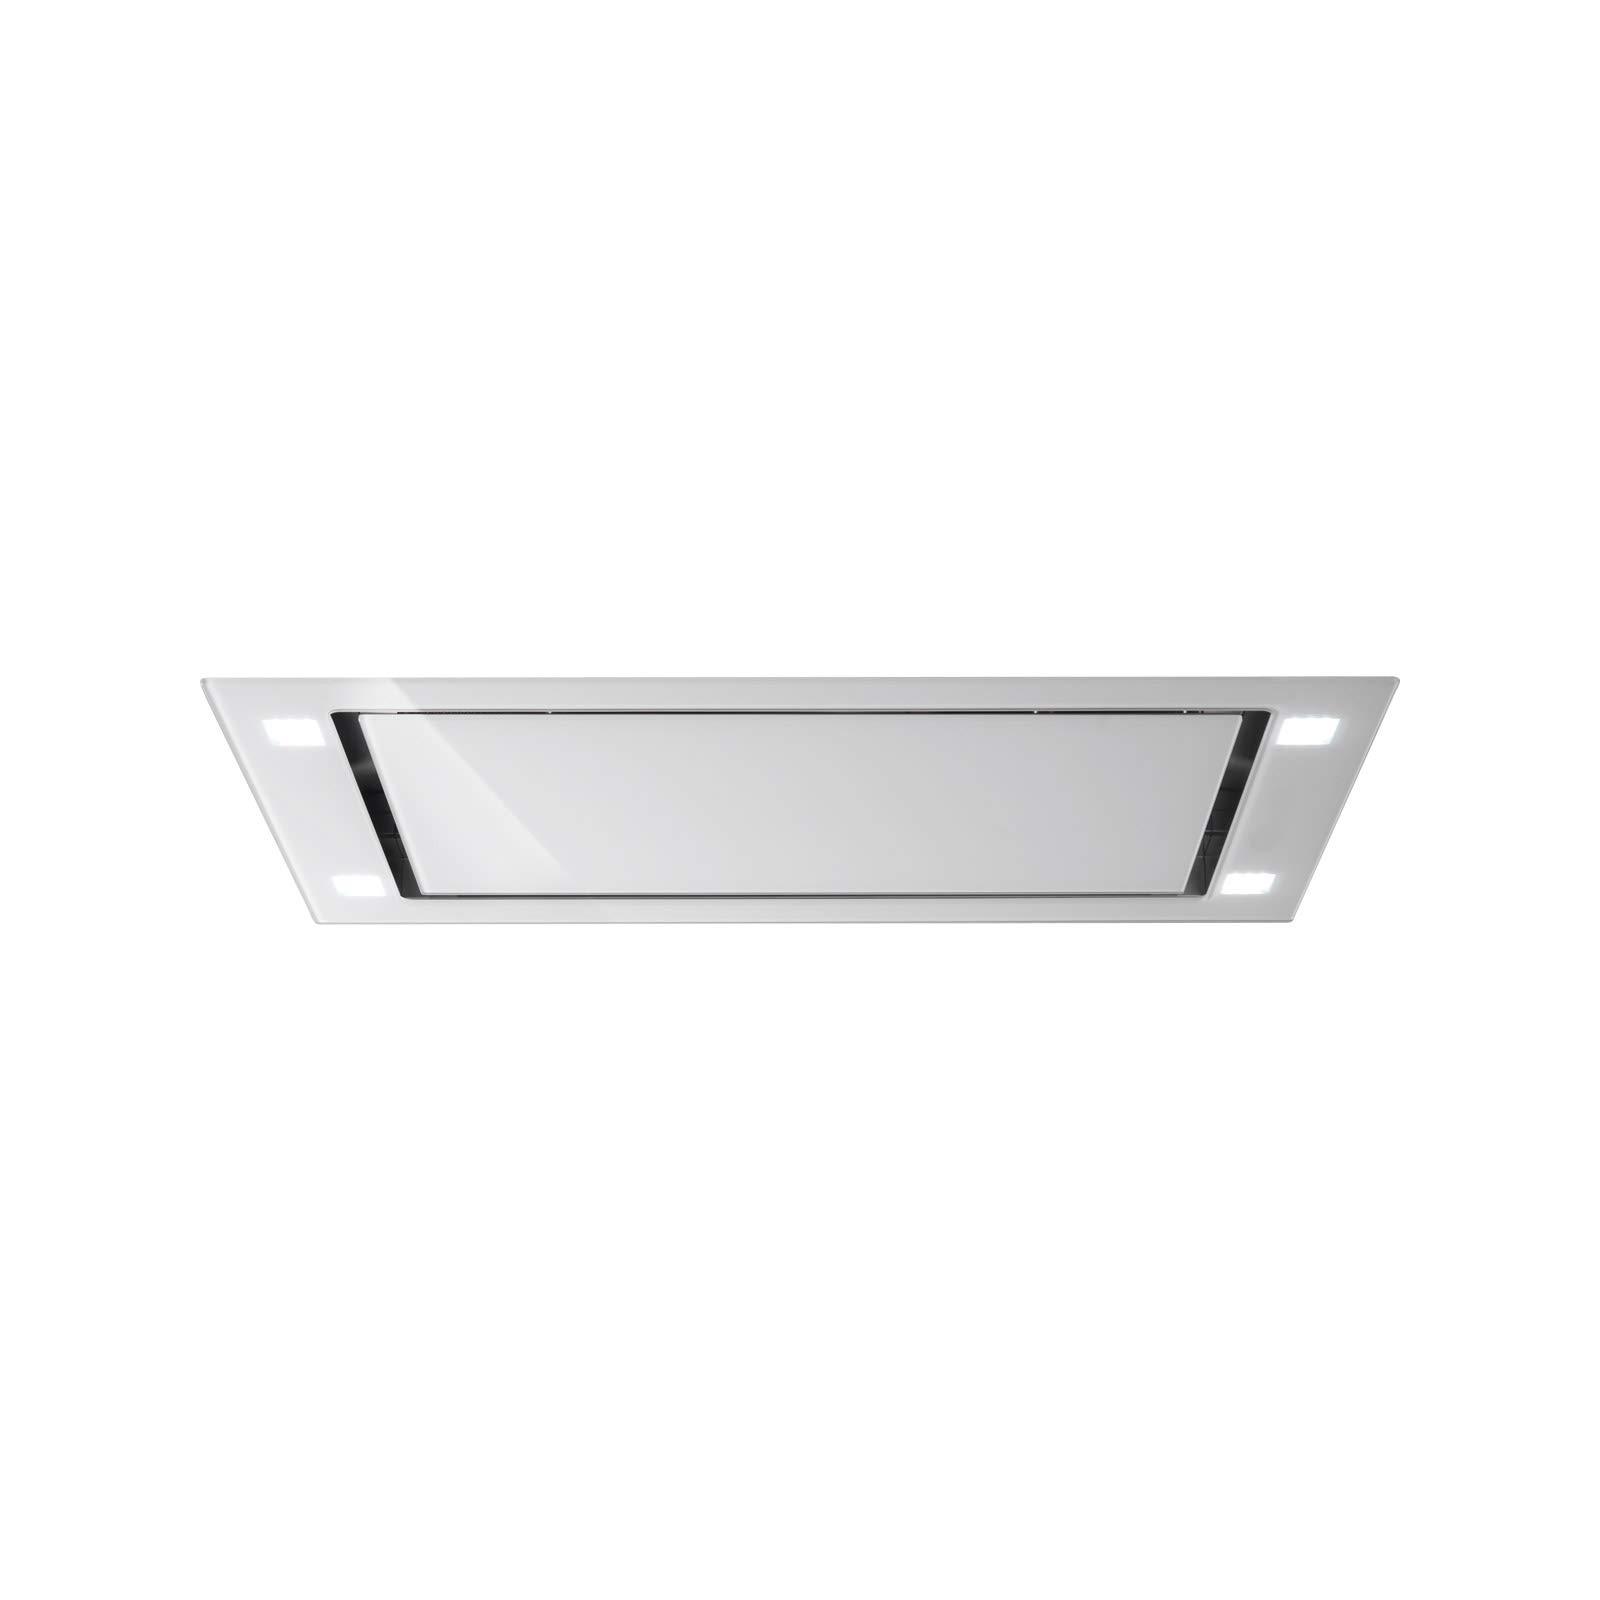 Falmec Campana extractora de techo Sirio acabado blanco de 90 cm: Amazon.es: Hogar